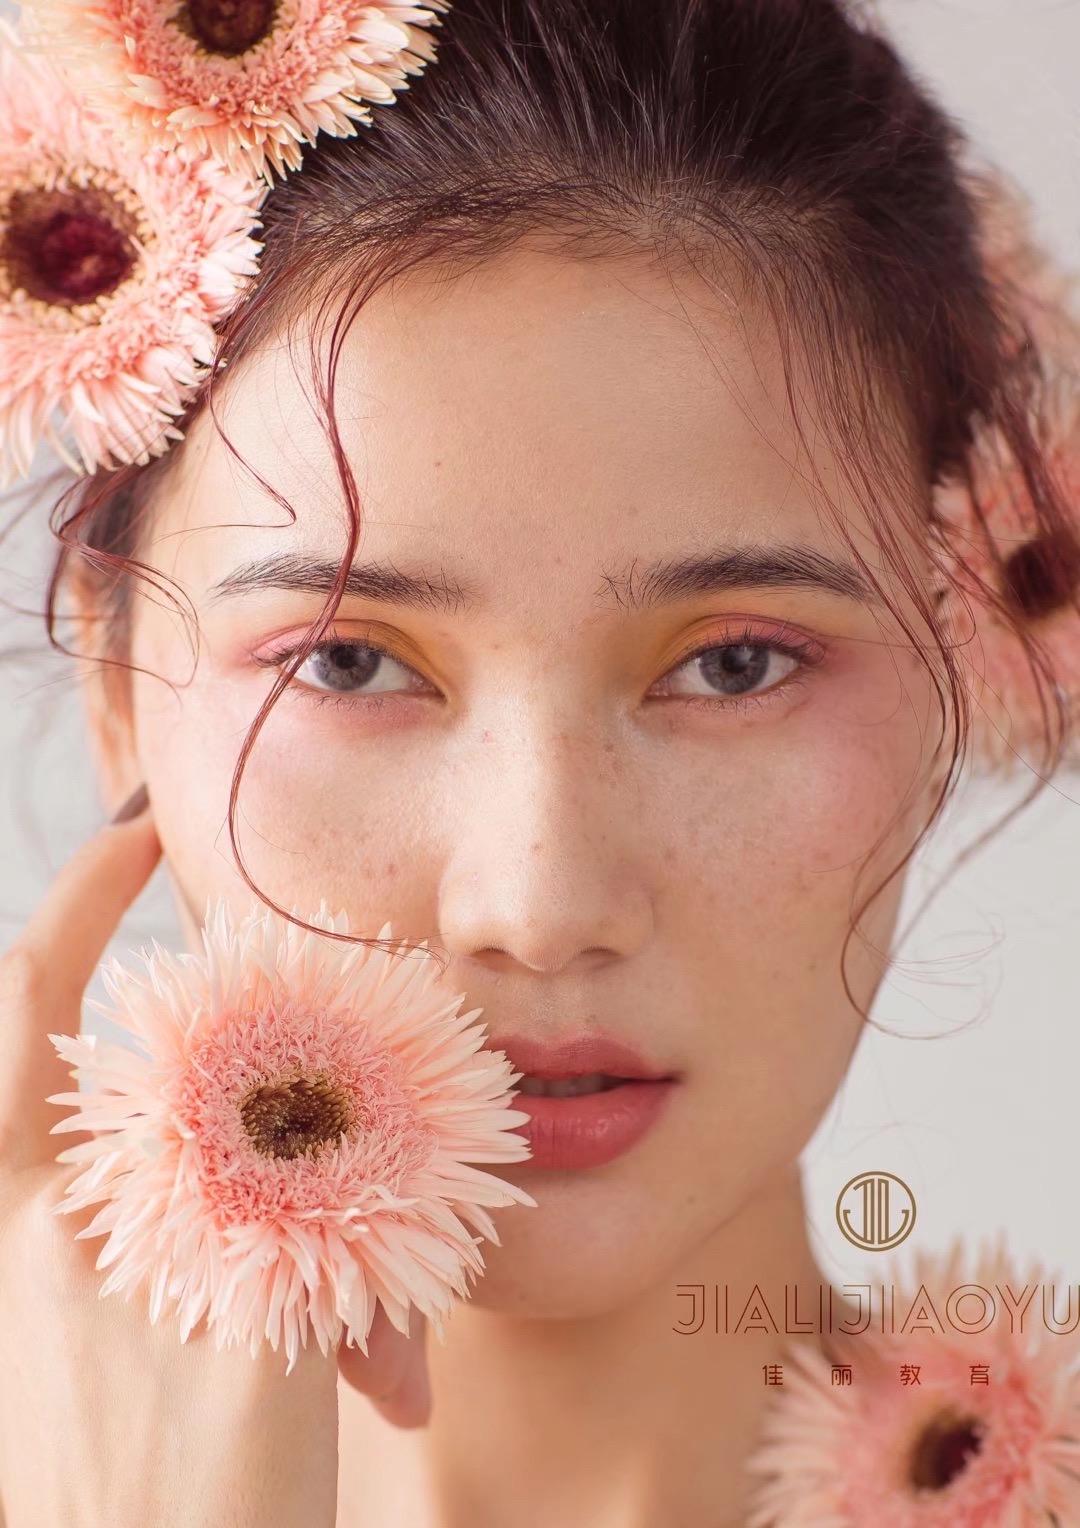 2021年_中国化妆行业发展现状及前景!